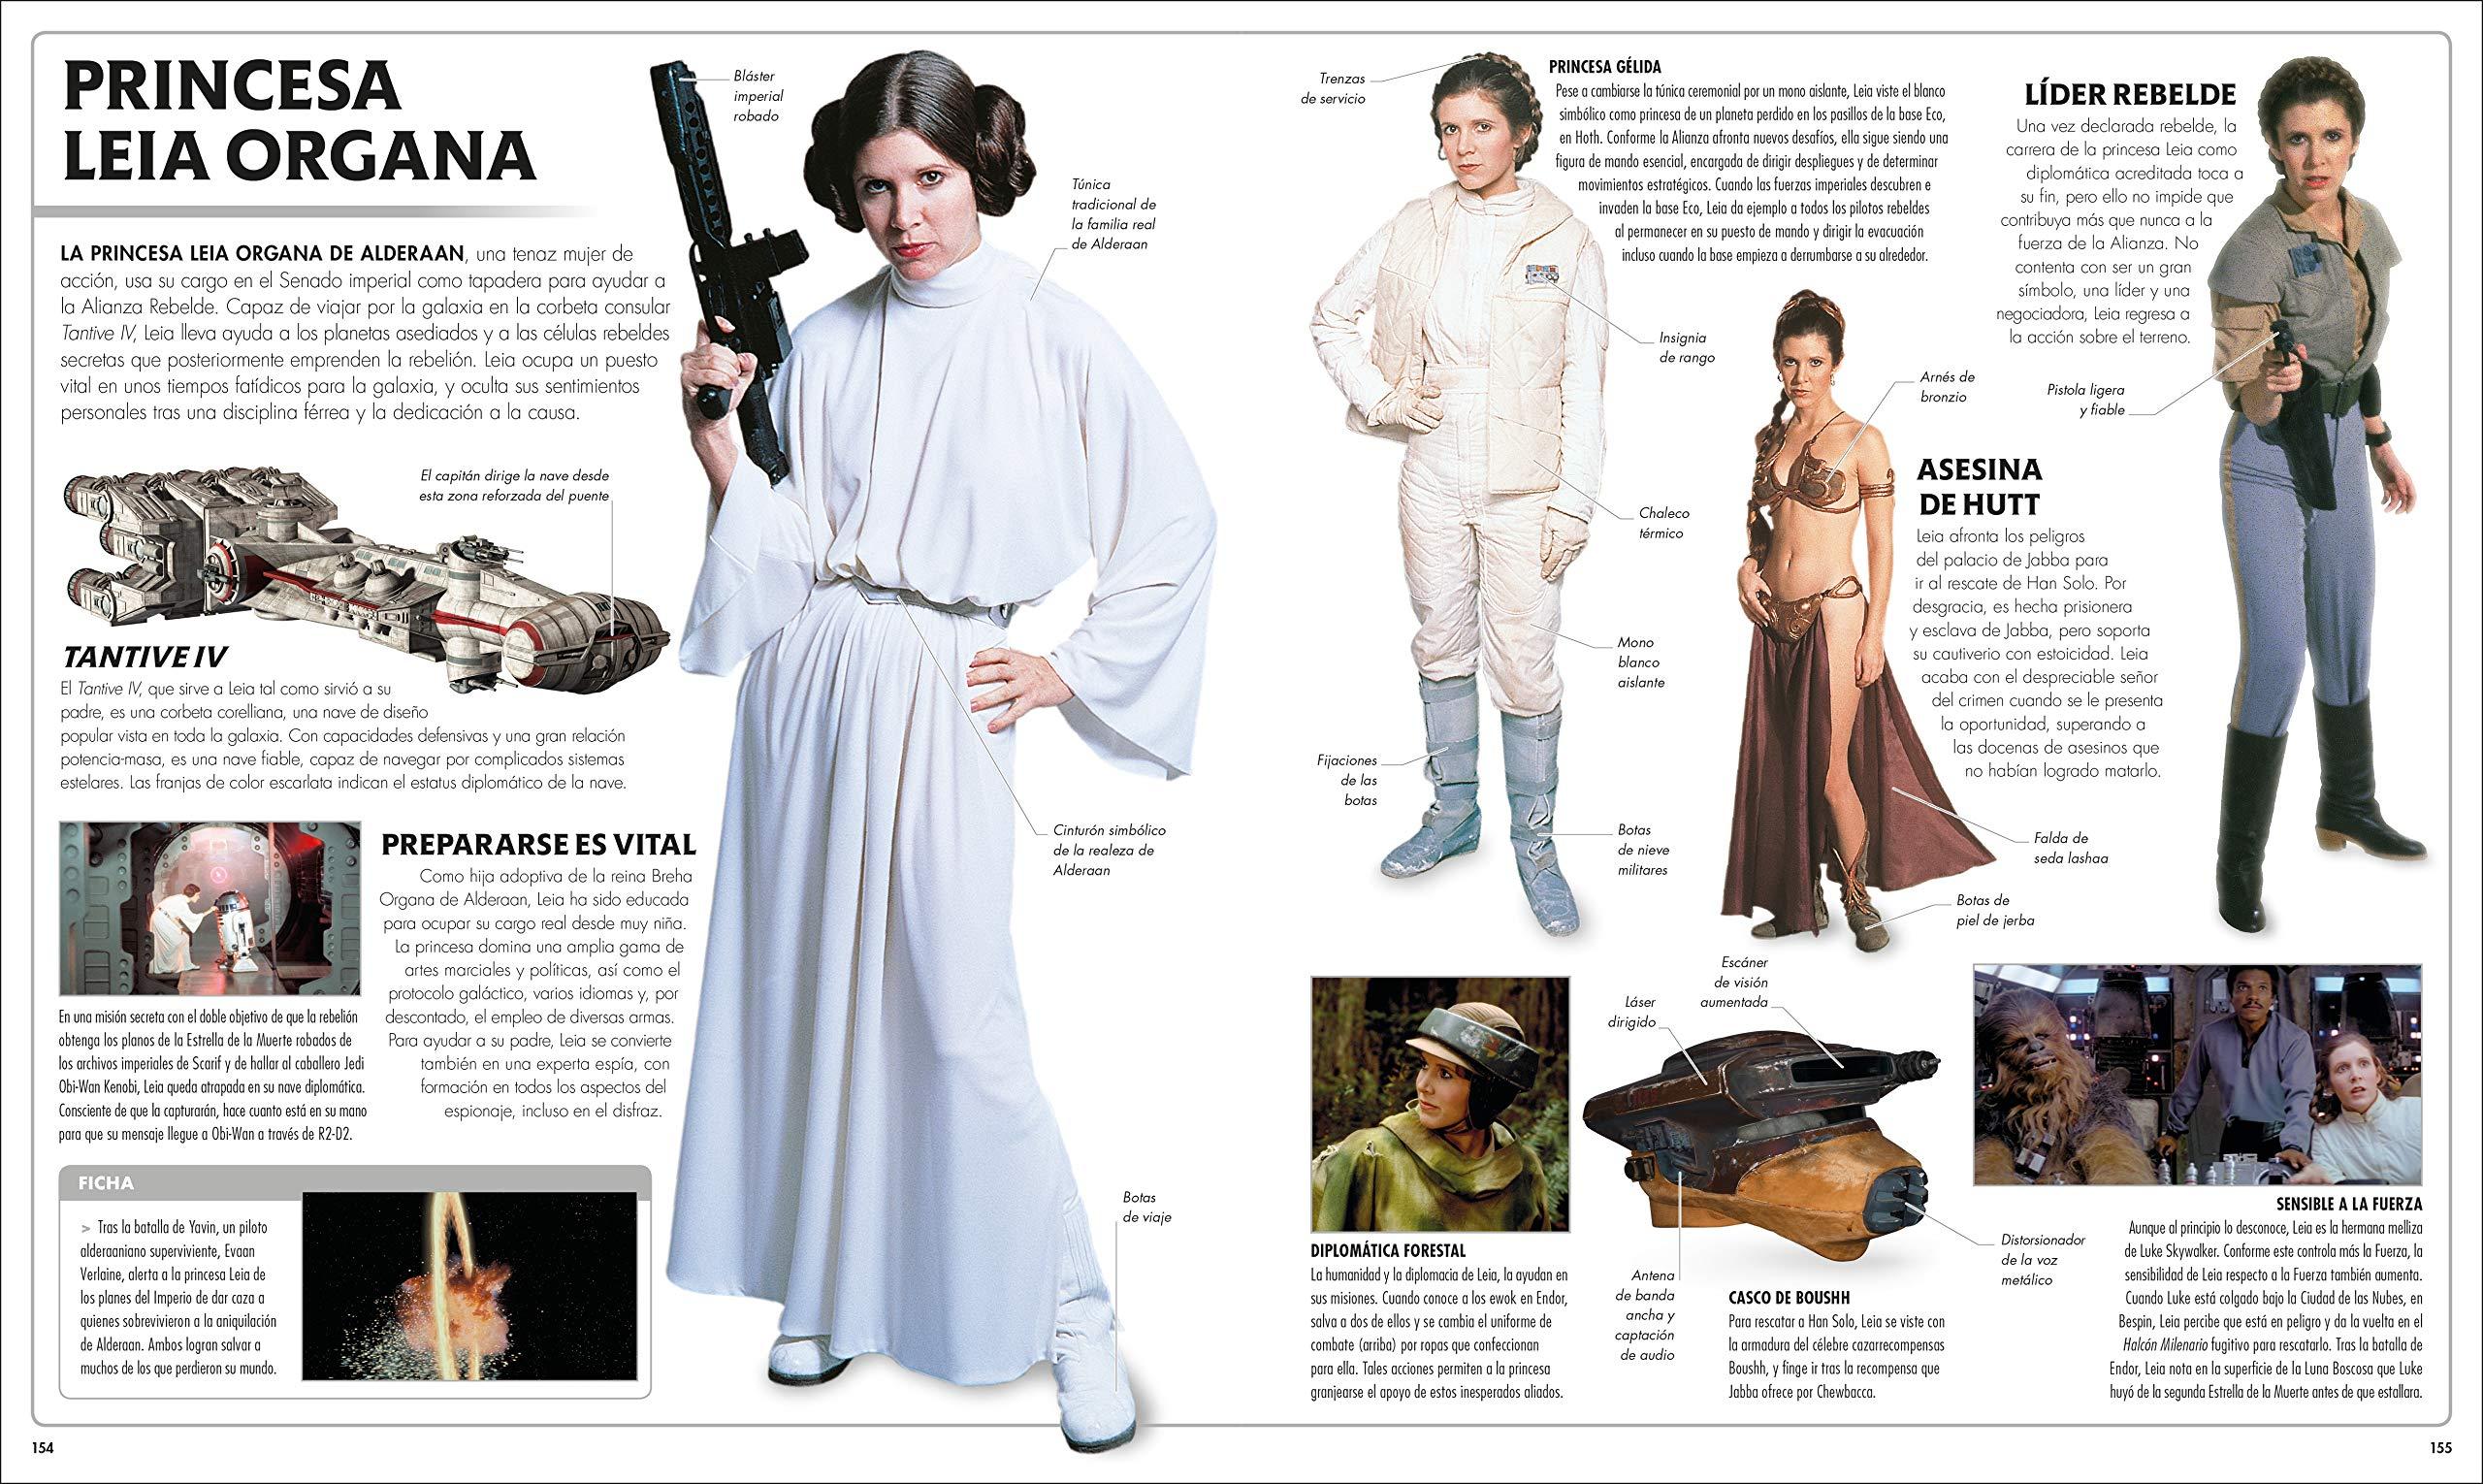 Amazon.com: Star Wars: El gran libro de la galaxia (Spanish Edition) (9781465478719): David Reynolds: Books